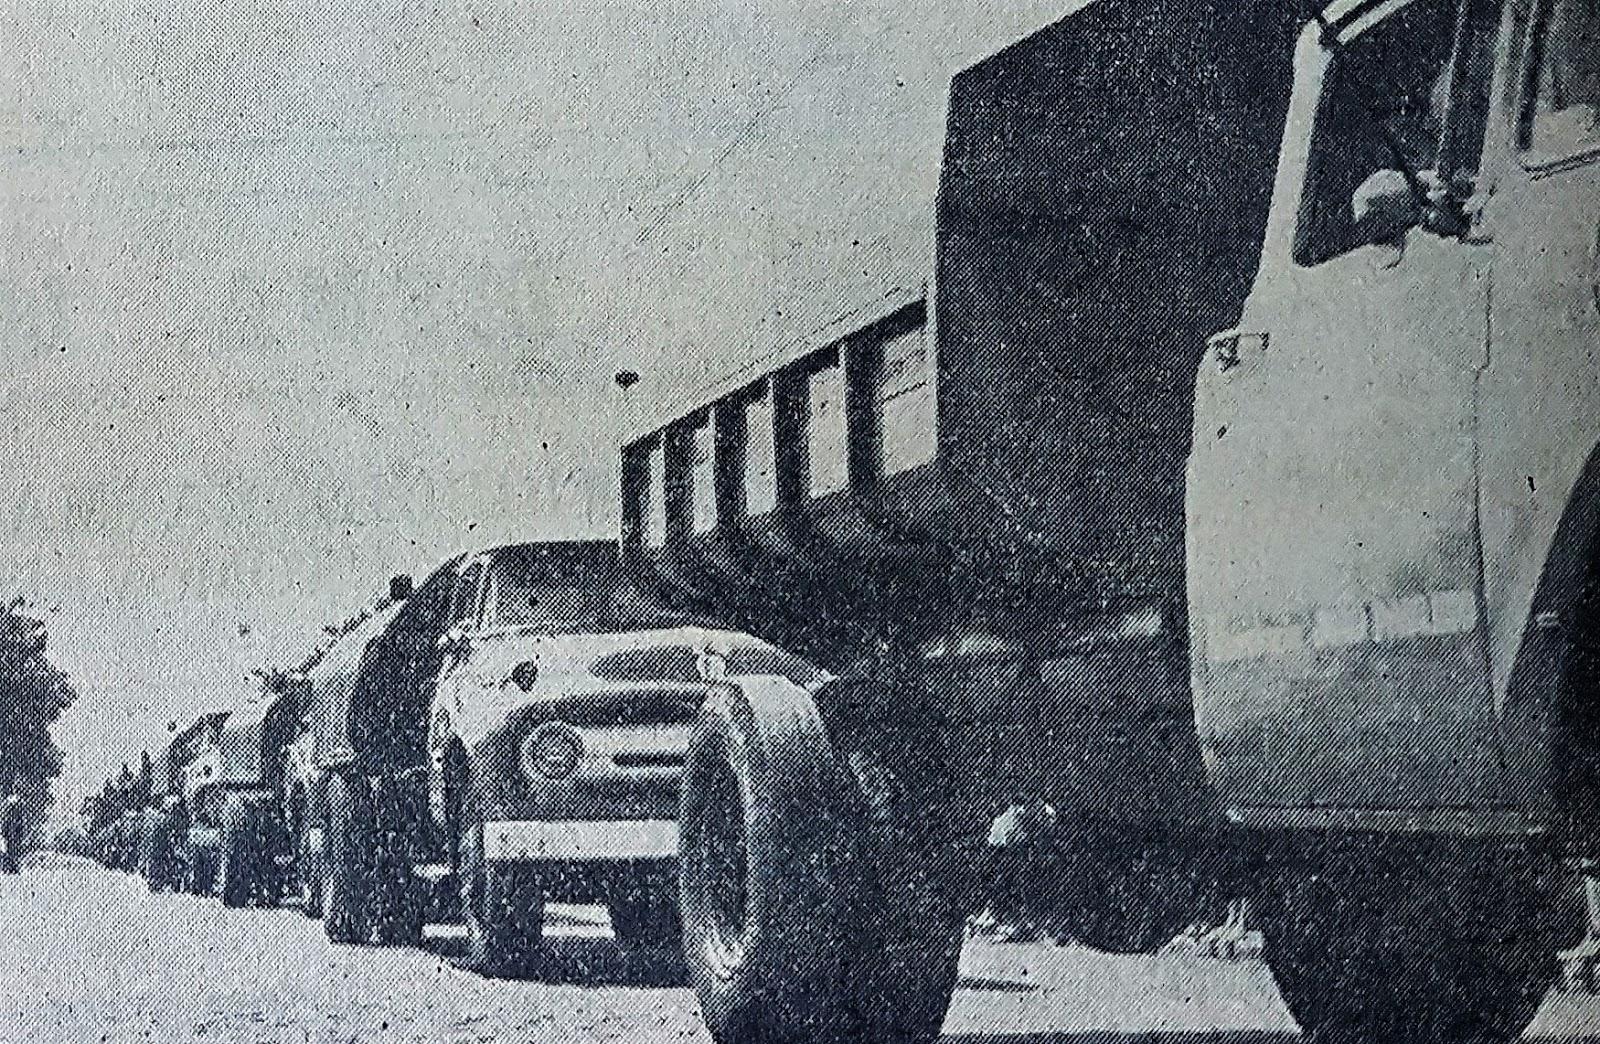 Frota da Prefeitura de Maringá - 1964